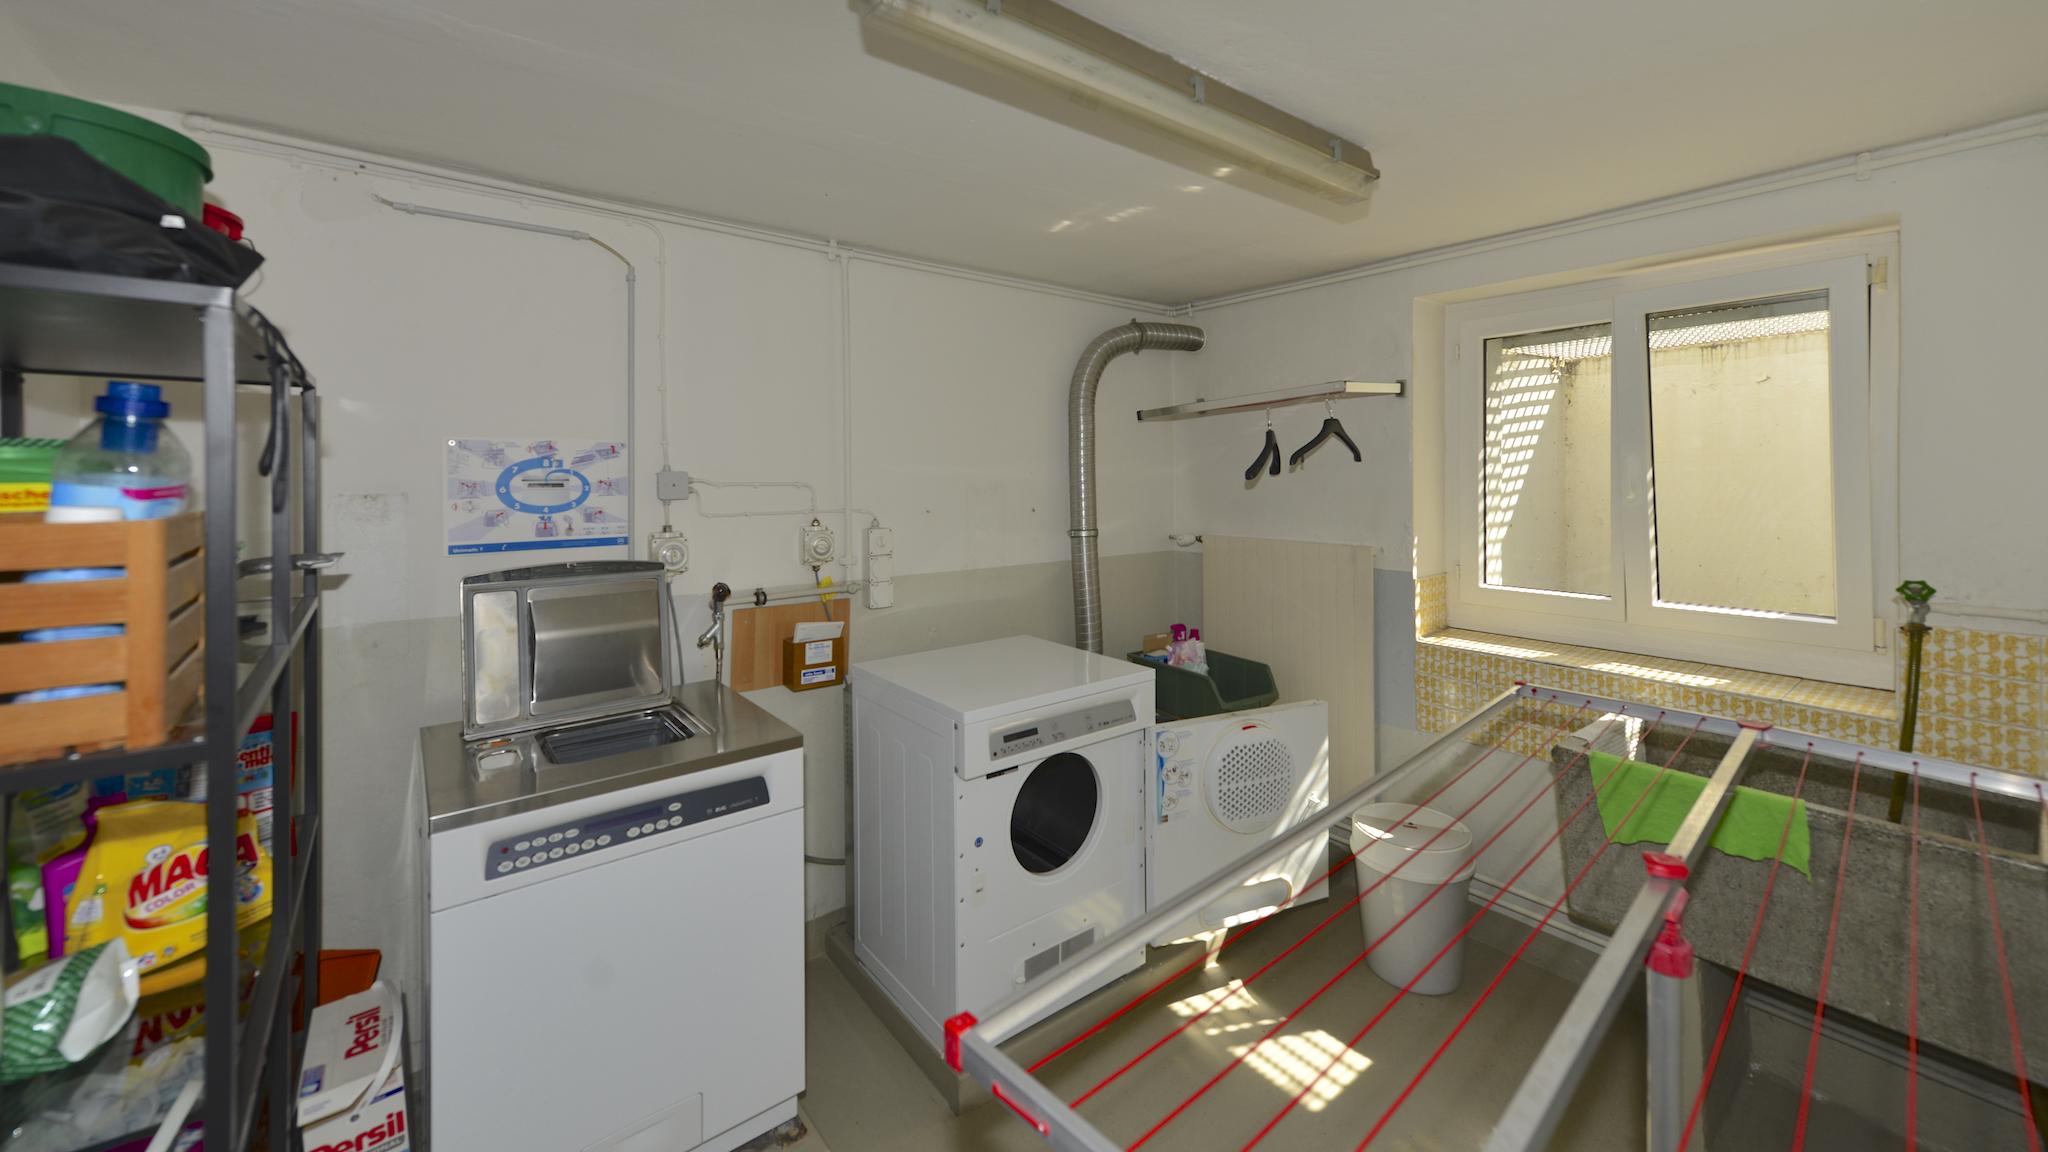 Waschküche mit V-ZUG-Geräten